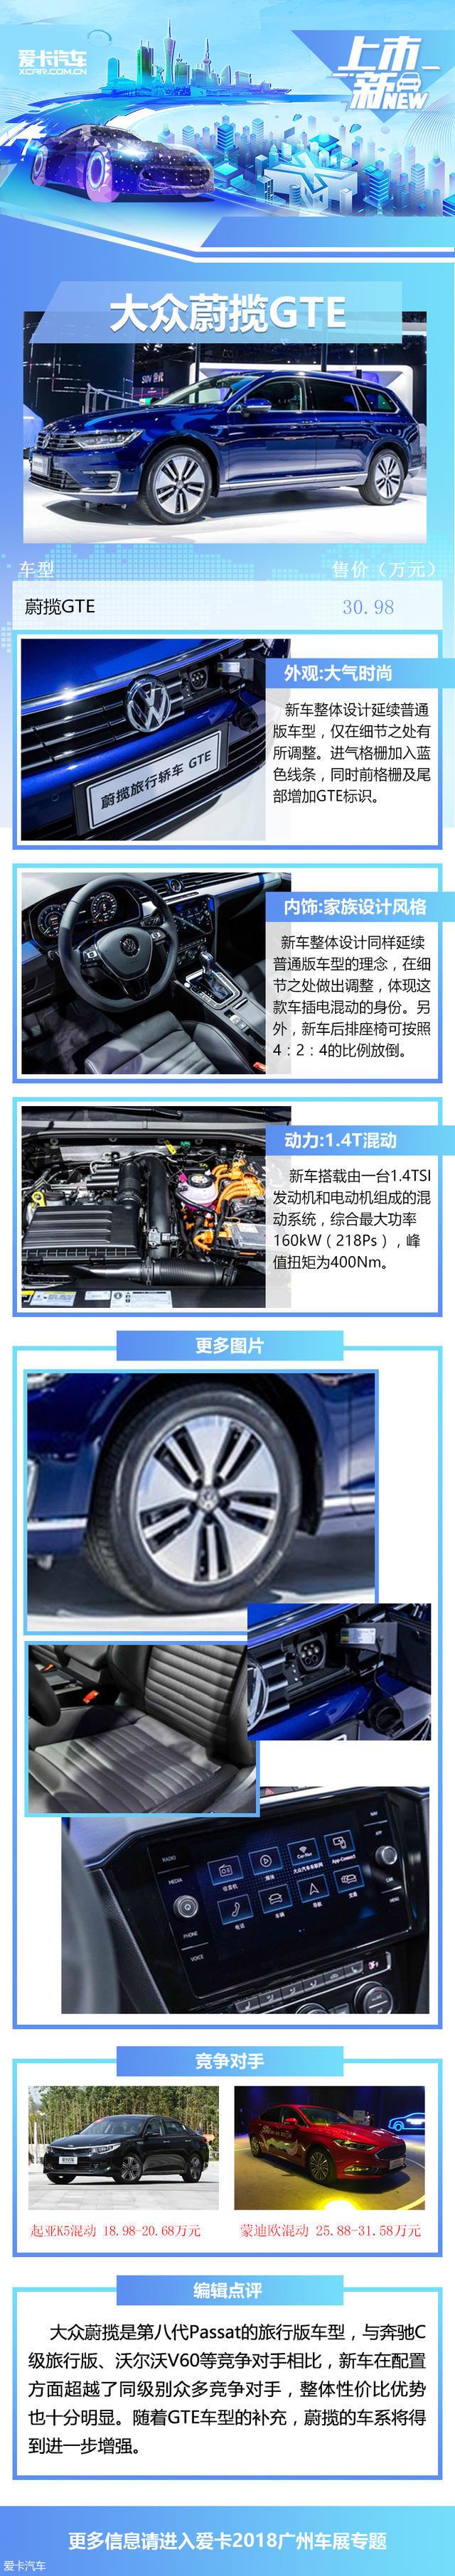 混动旅行车 大众蔚揽GTE售价30.98万元